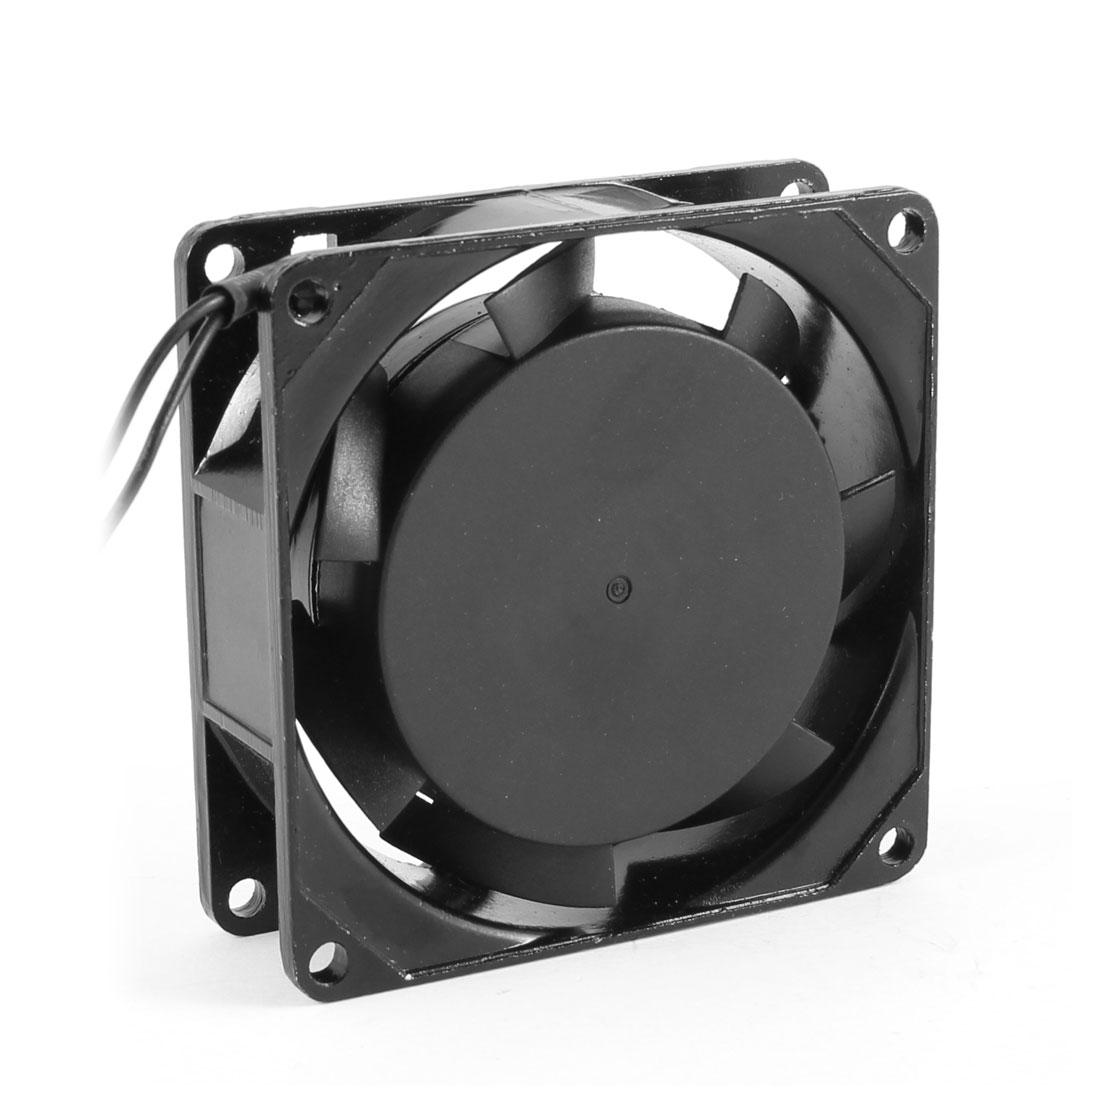 80mm x 80mm x 25mm AC 220V-240V Aluminum Cooler PC Case Cooling Fan Black